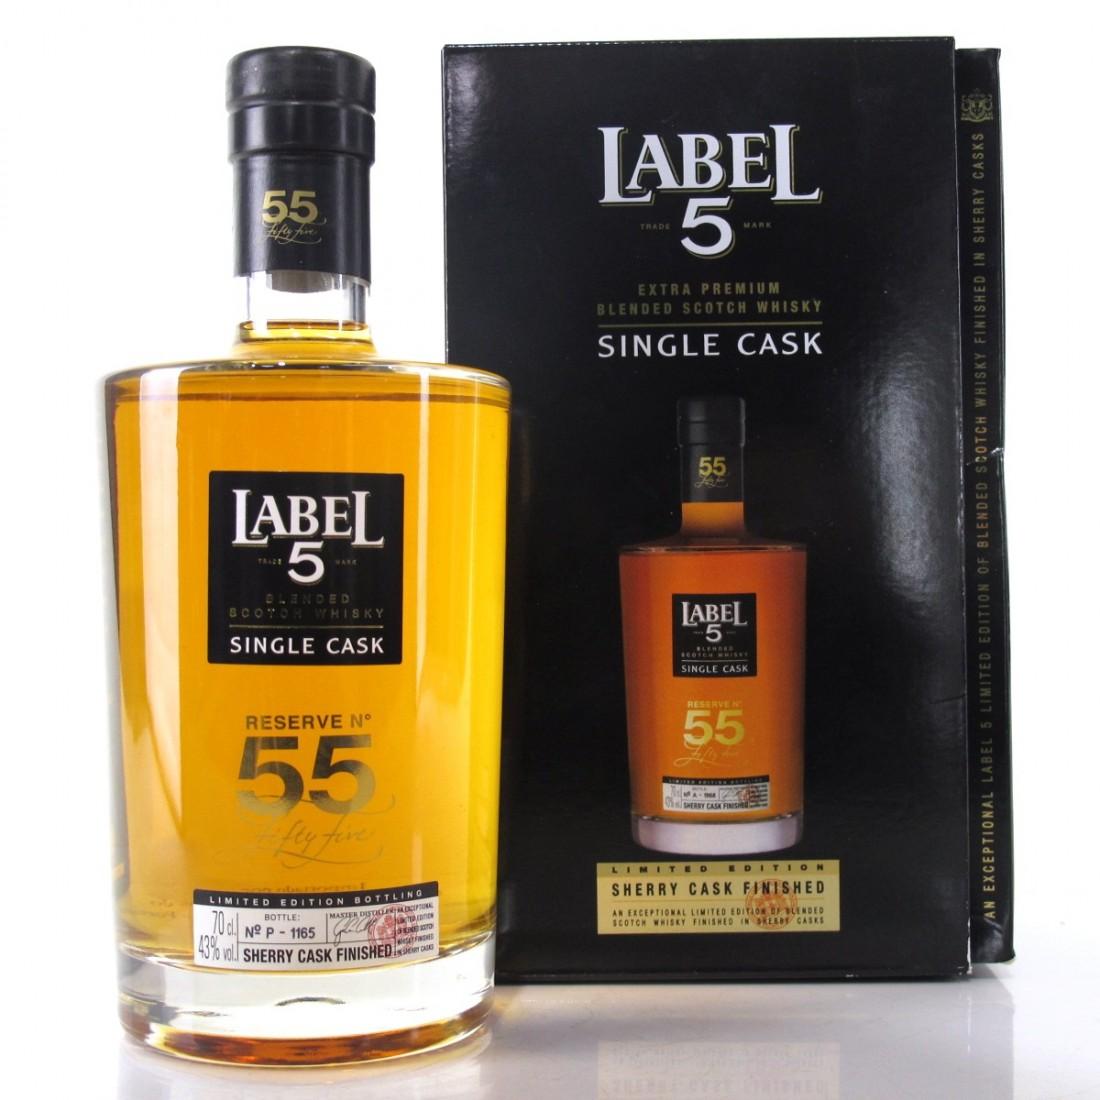 Label 5 Reserve No. 55